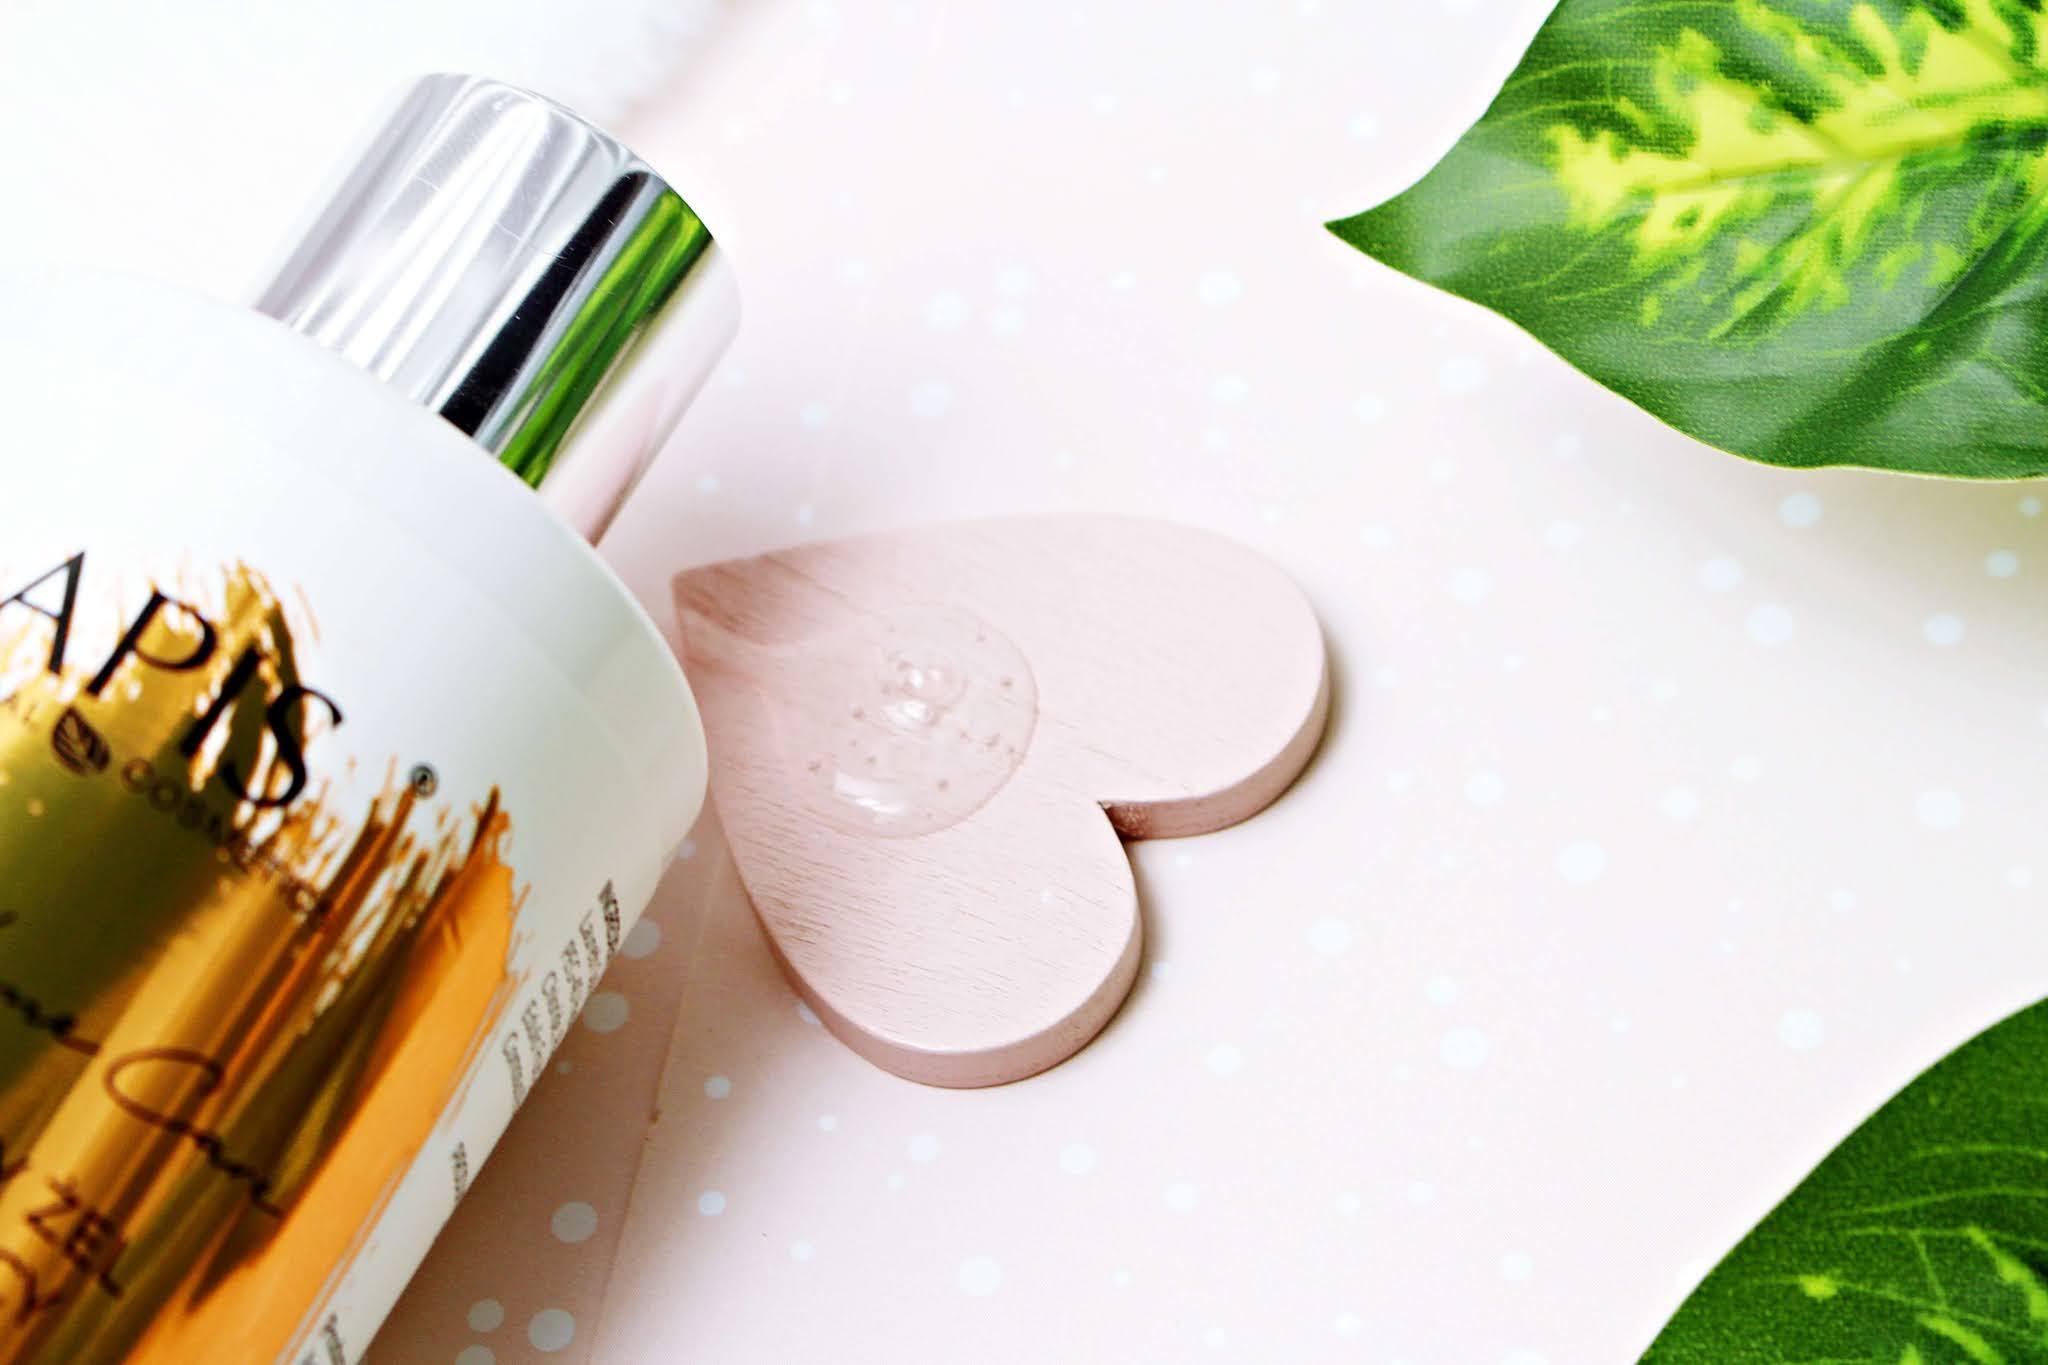 APIS Egzotyczny witalizujący żel do mycia ciała Exotic Home Care